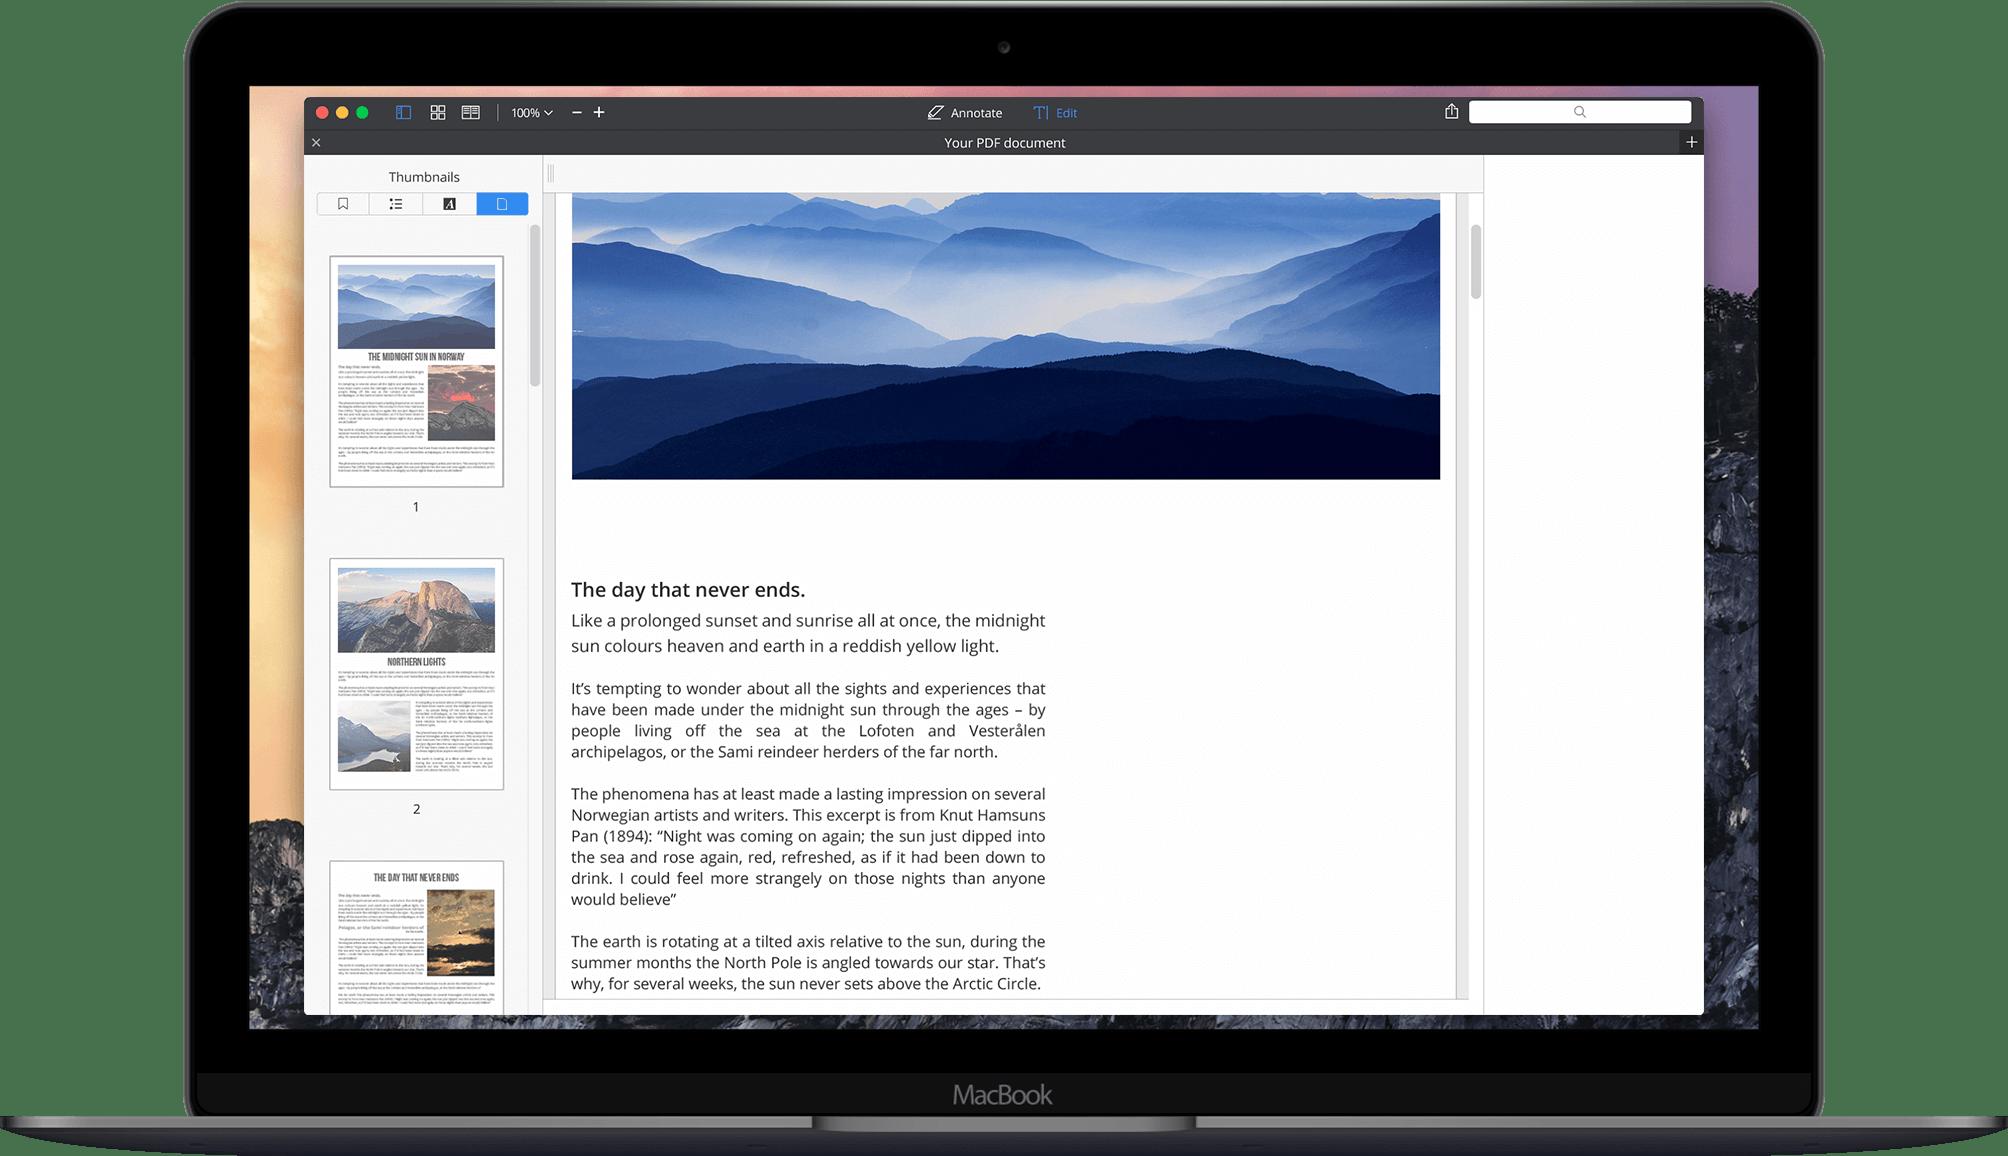 Nola editatu PDF fitxategia Mac-en 4 Modu desberdinak